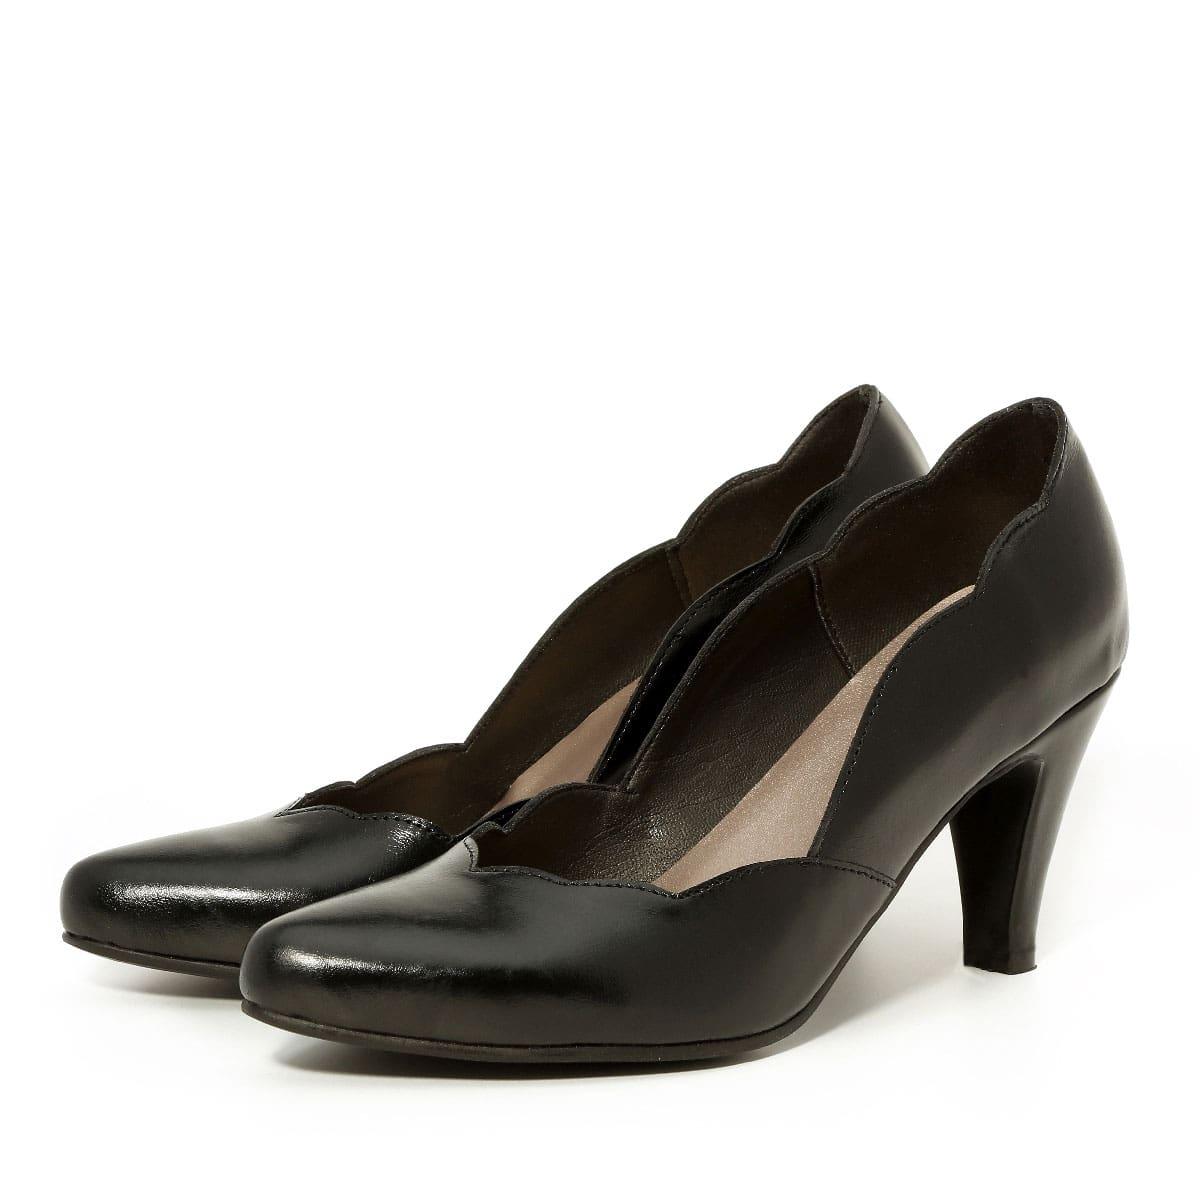 דגם מיכאלה: נעלי סירה בצבע שחור